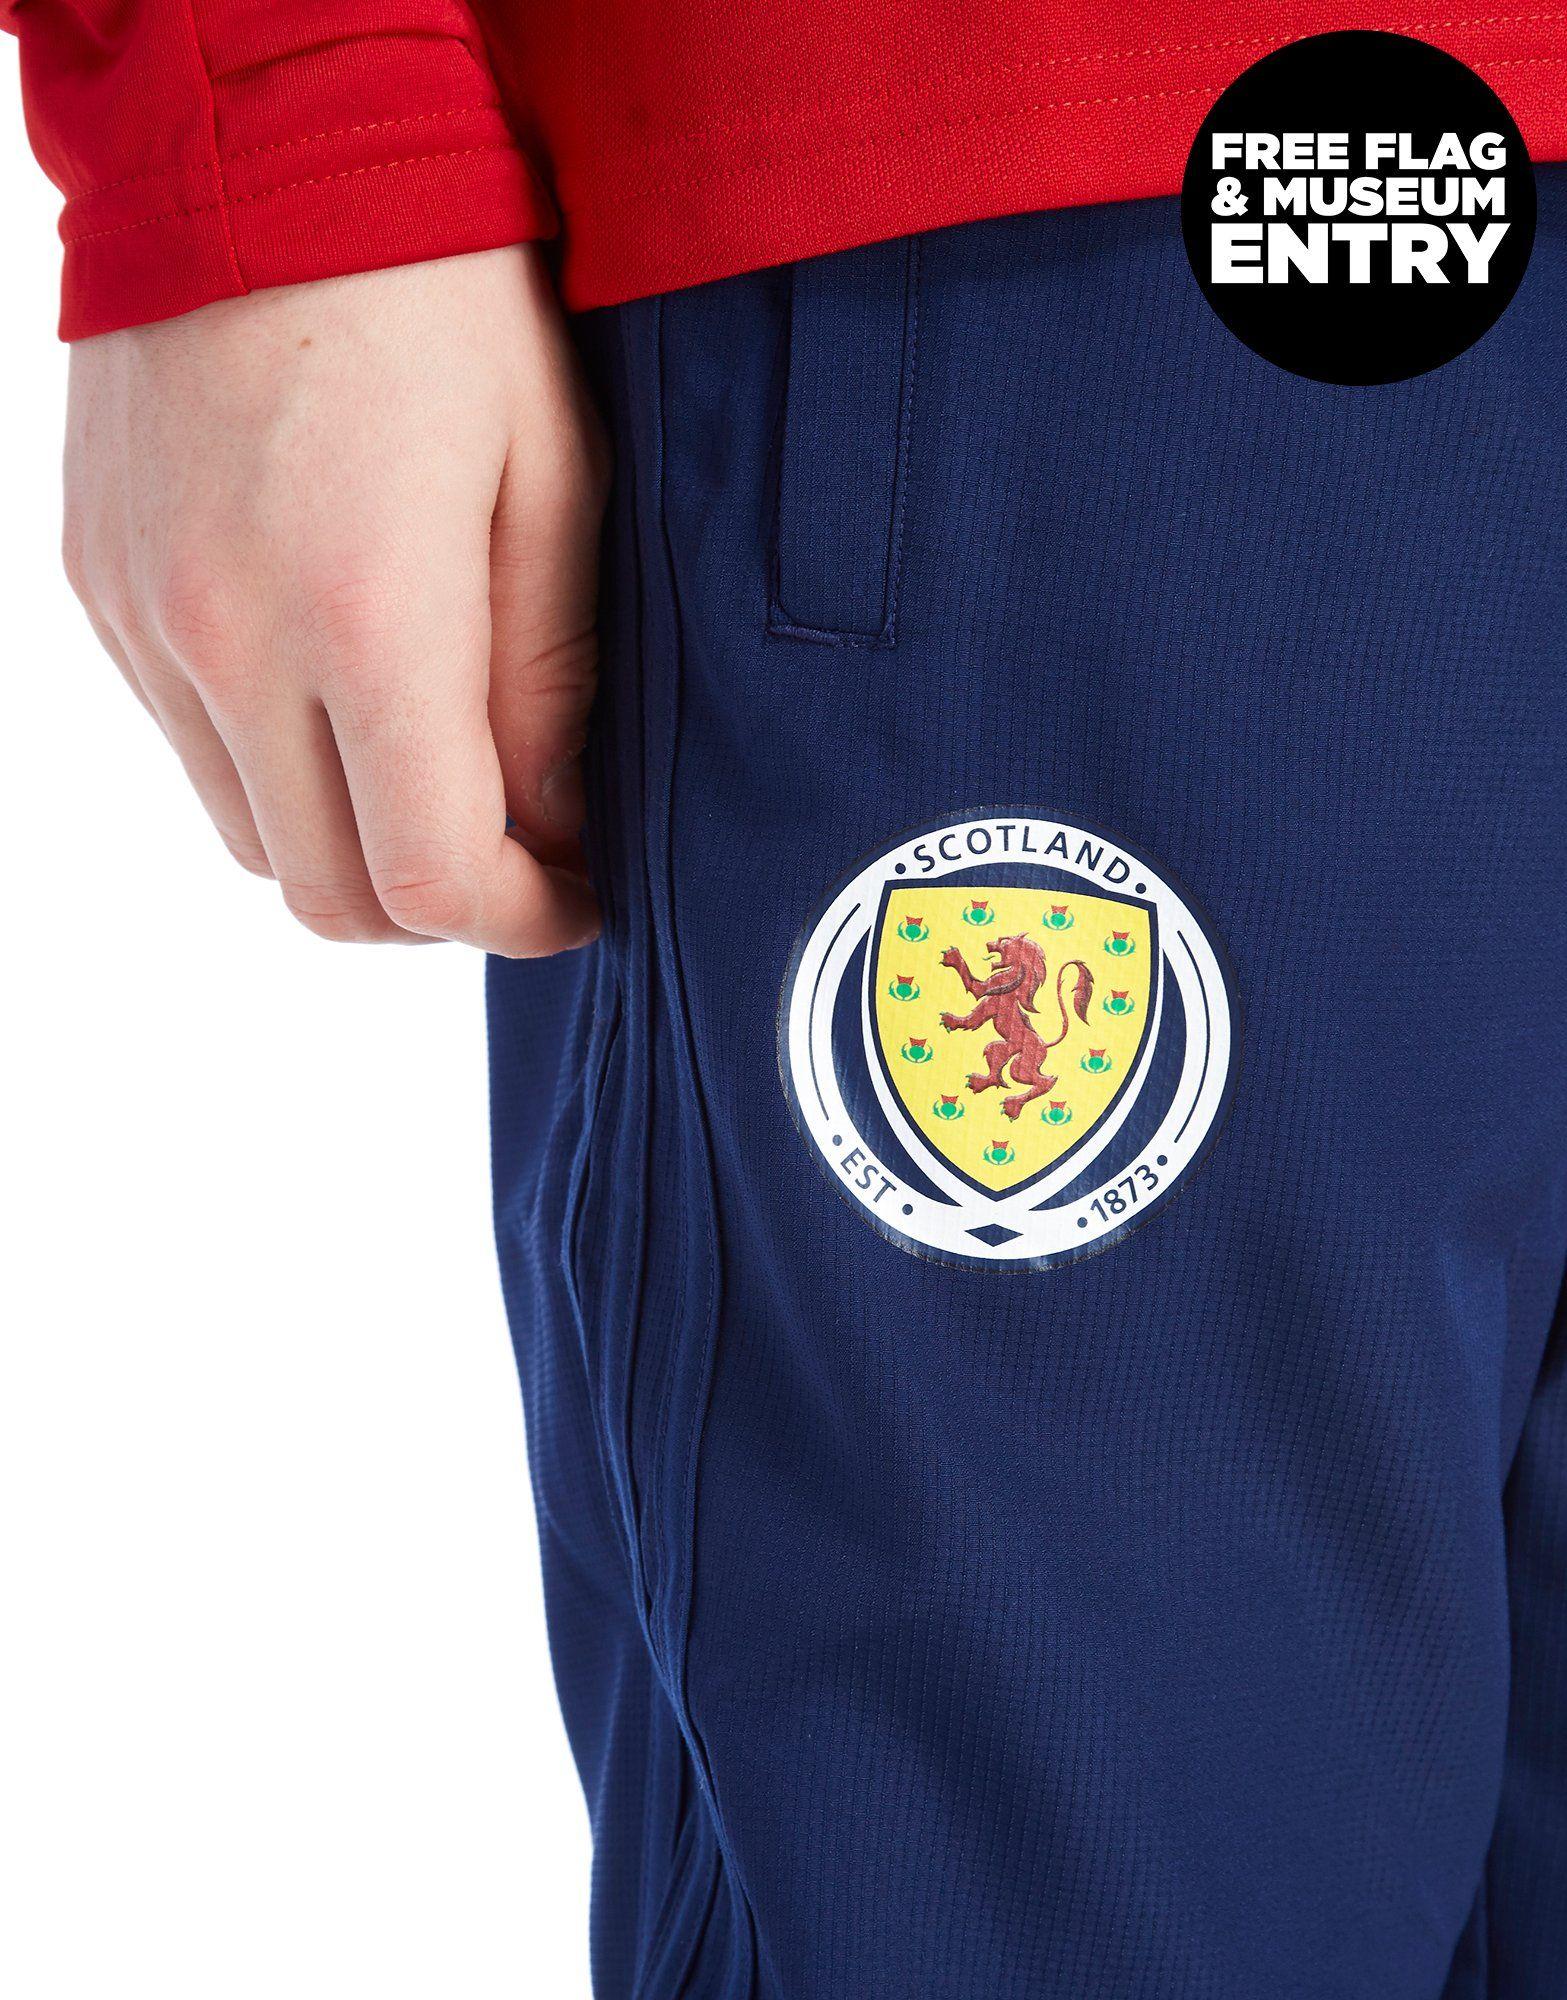 adidas pantalón Escocia FA 2018 júnior